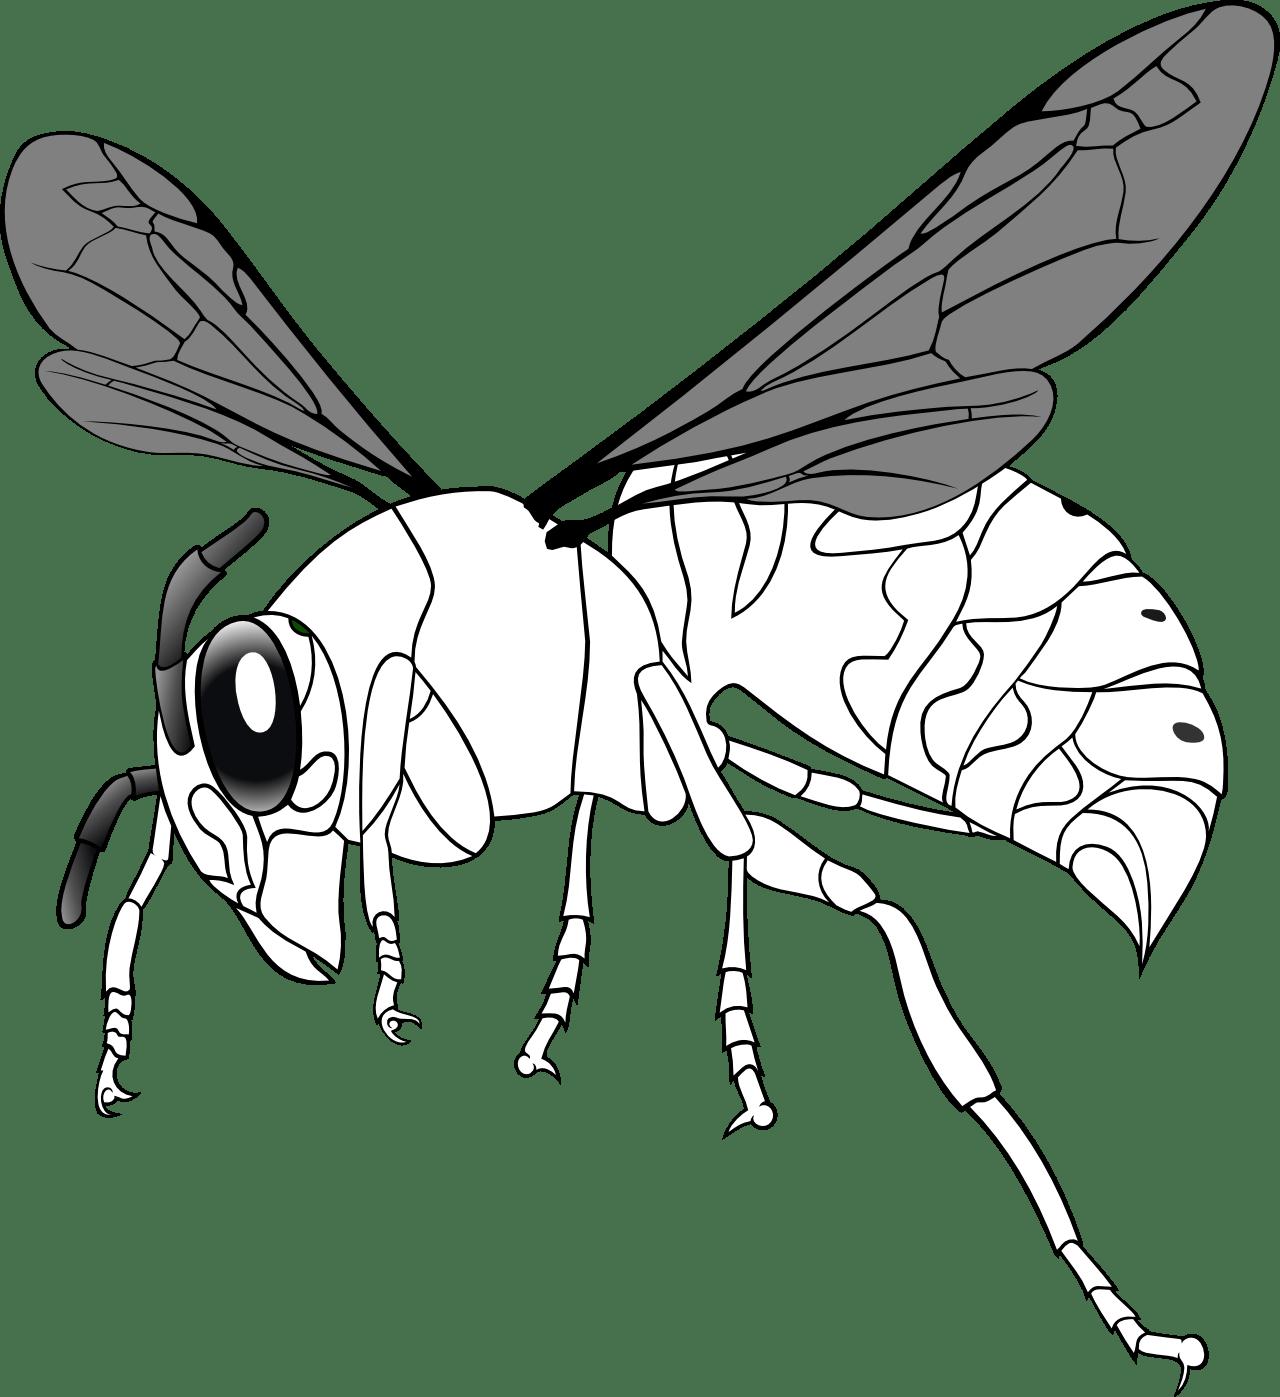 Bee Line Art - ClipArt Best (1280 x 1397 Pixel)